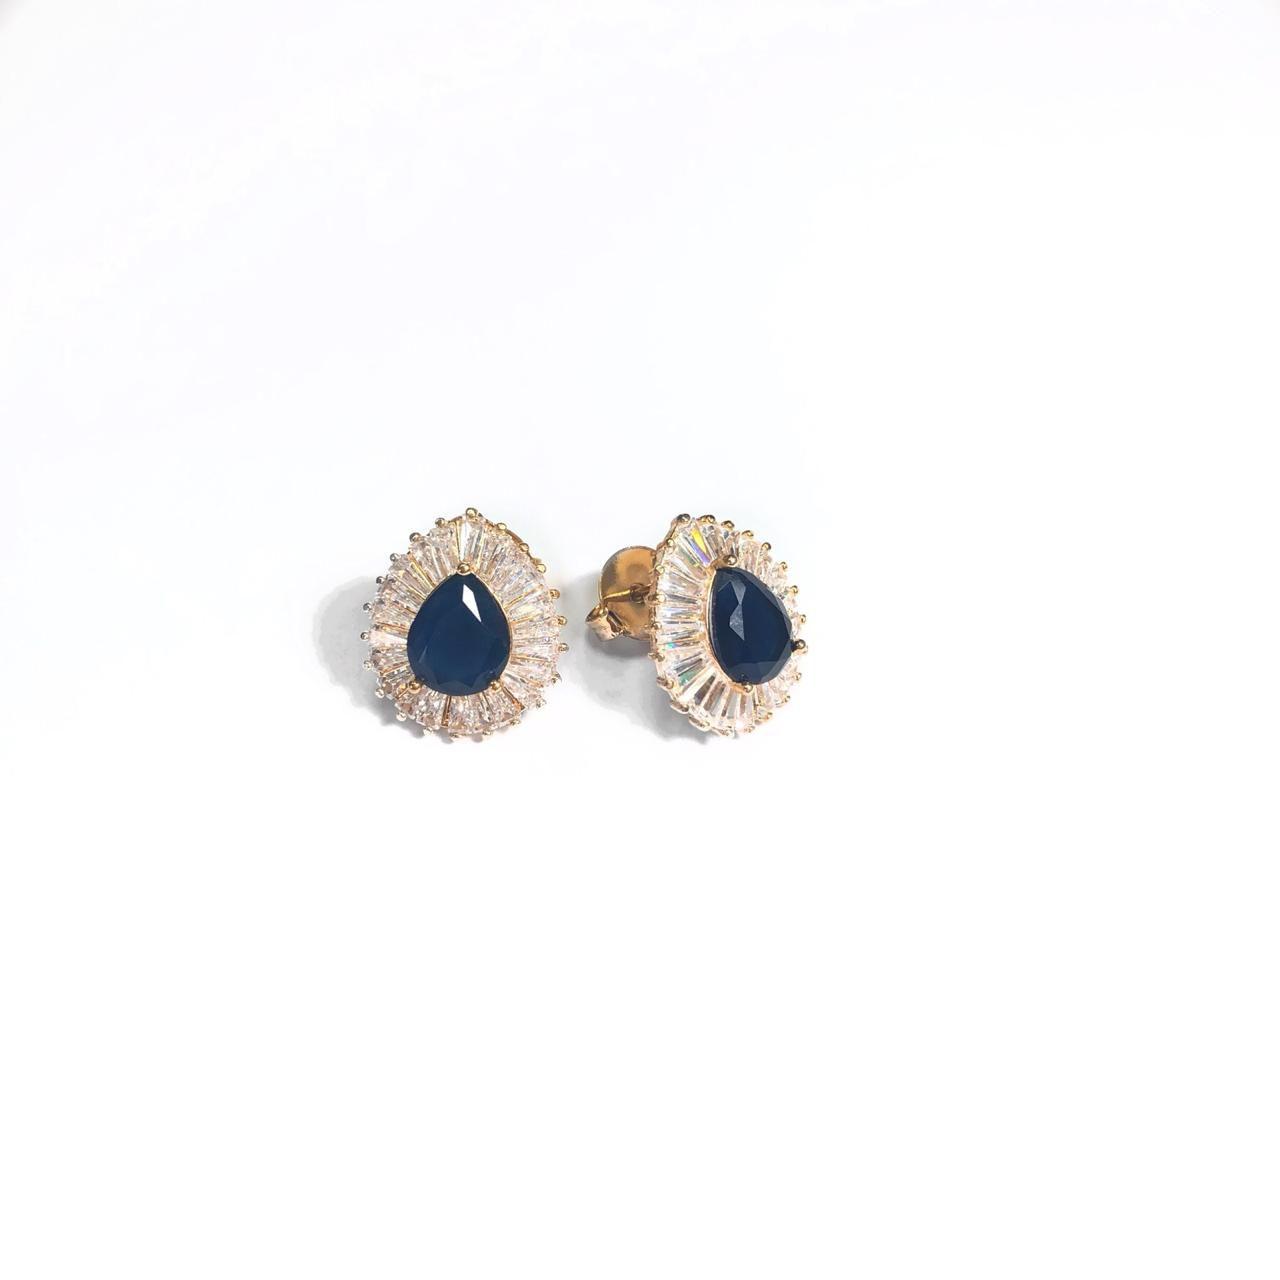 Brinco Gota Azul Borda Cravejada com Zircônias Branca Banho em Ouro 18k